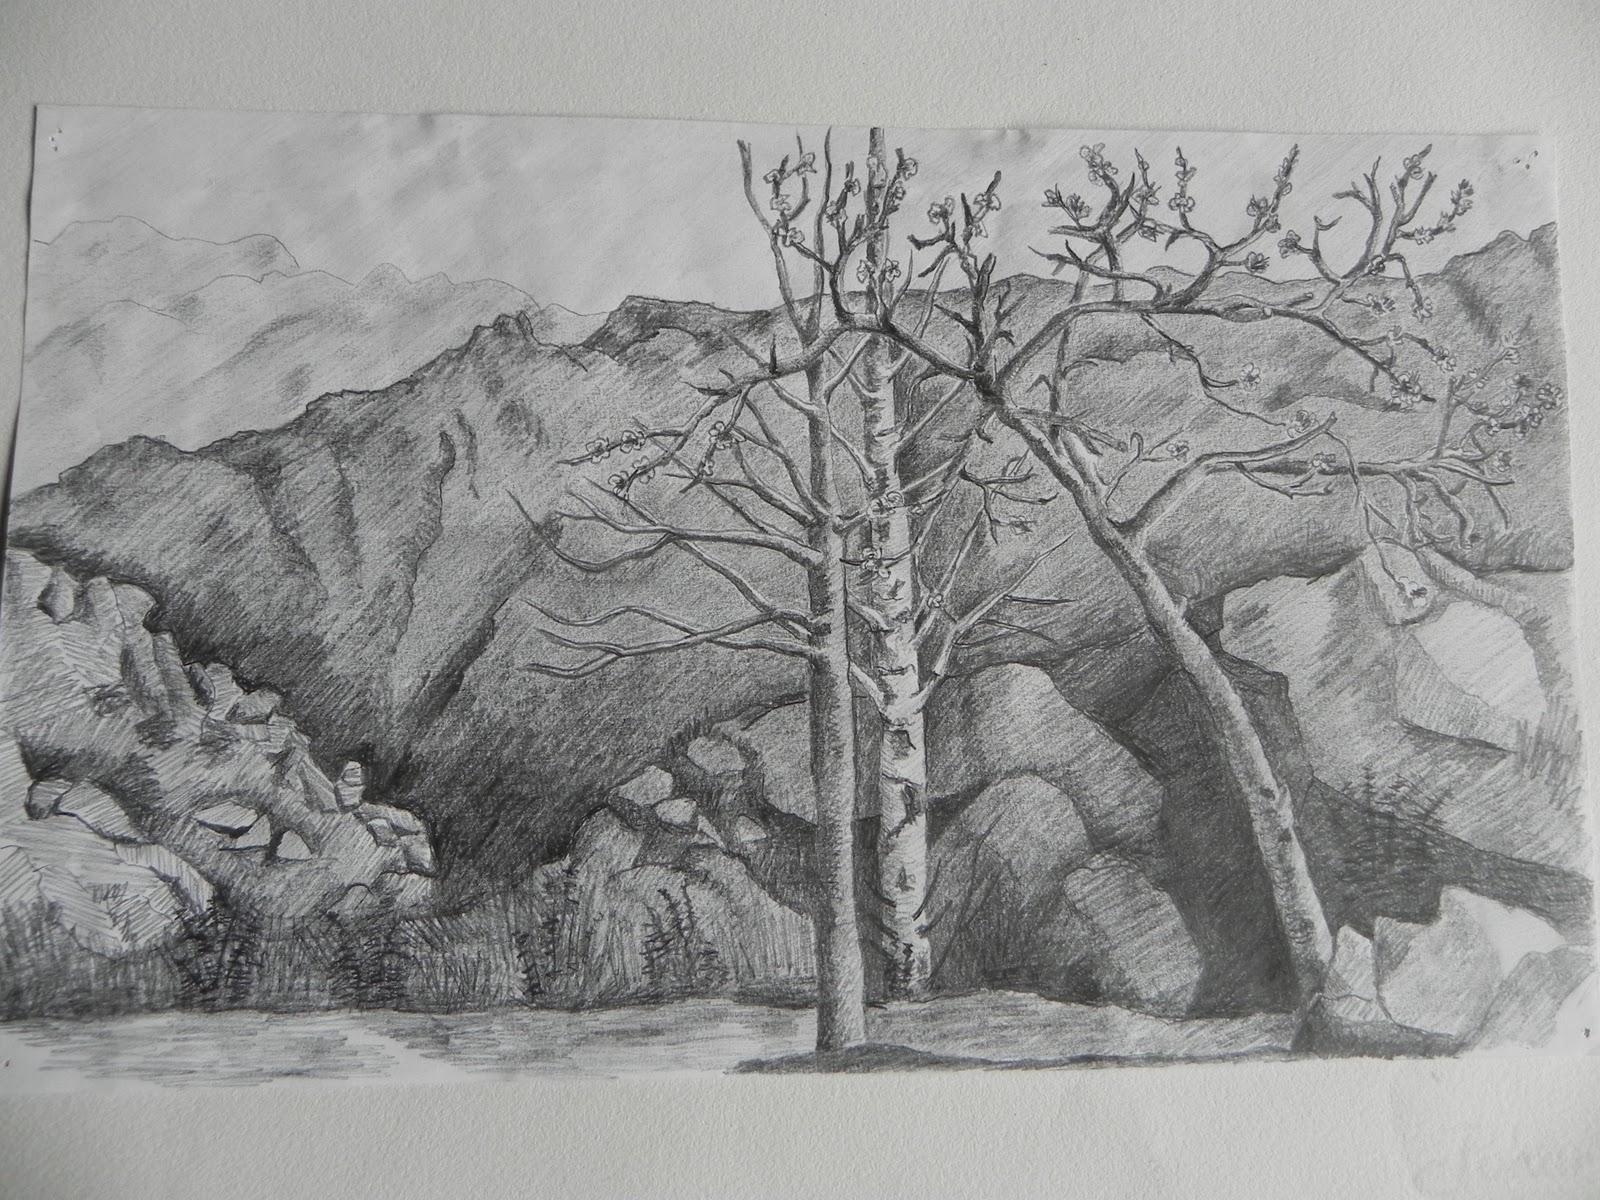 Graciela Koch Dibujos paisajesnaturaleza muertadibujos